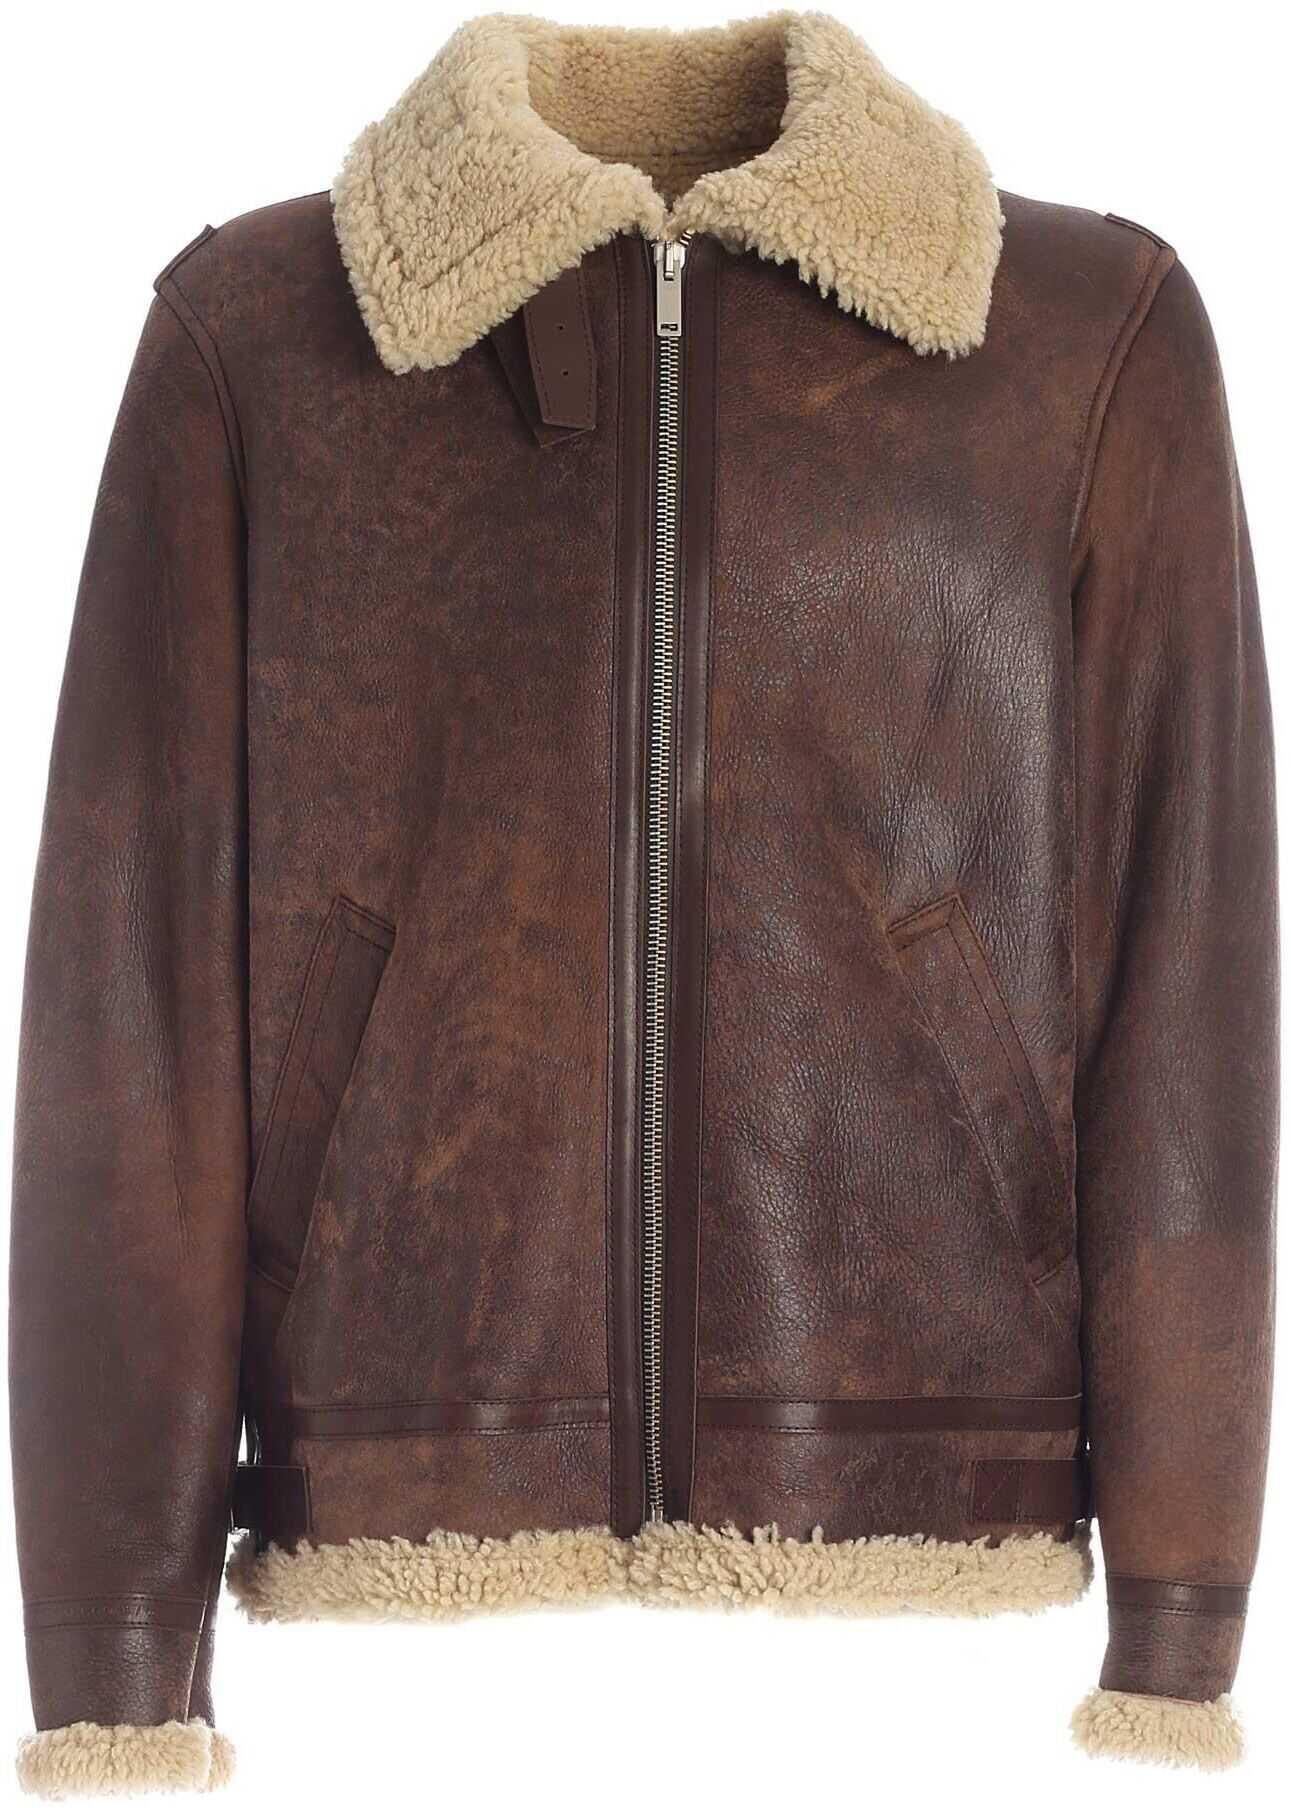 Golden Goose Arvel Jacket In Brown Brown imagine